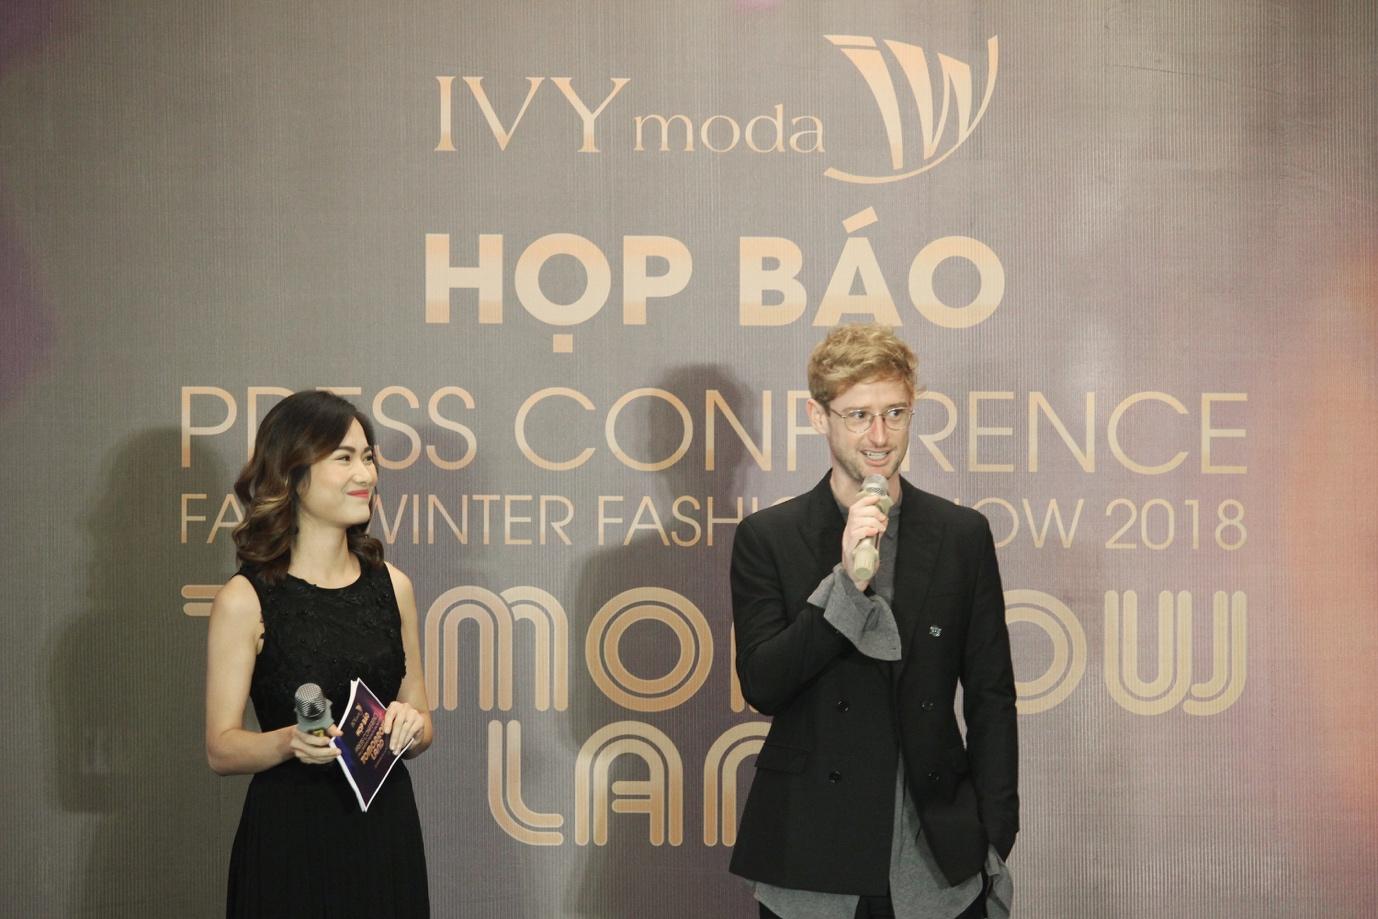 IVY moda hợp tác cùng NTK từng làm việc với nhà mốt lừng danh Alexander McQueen - Ảnh 2.